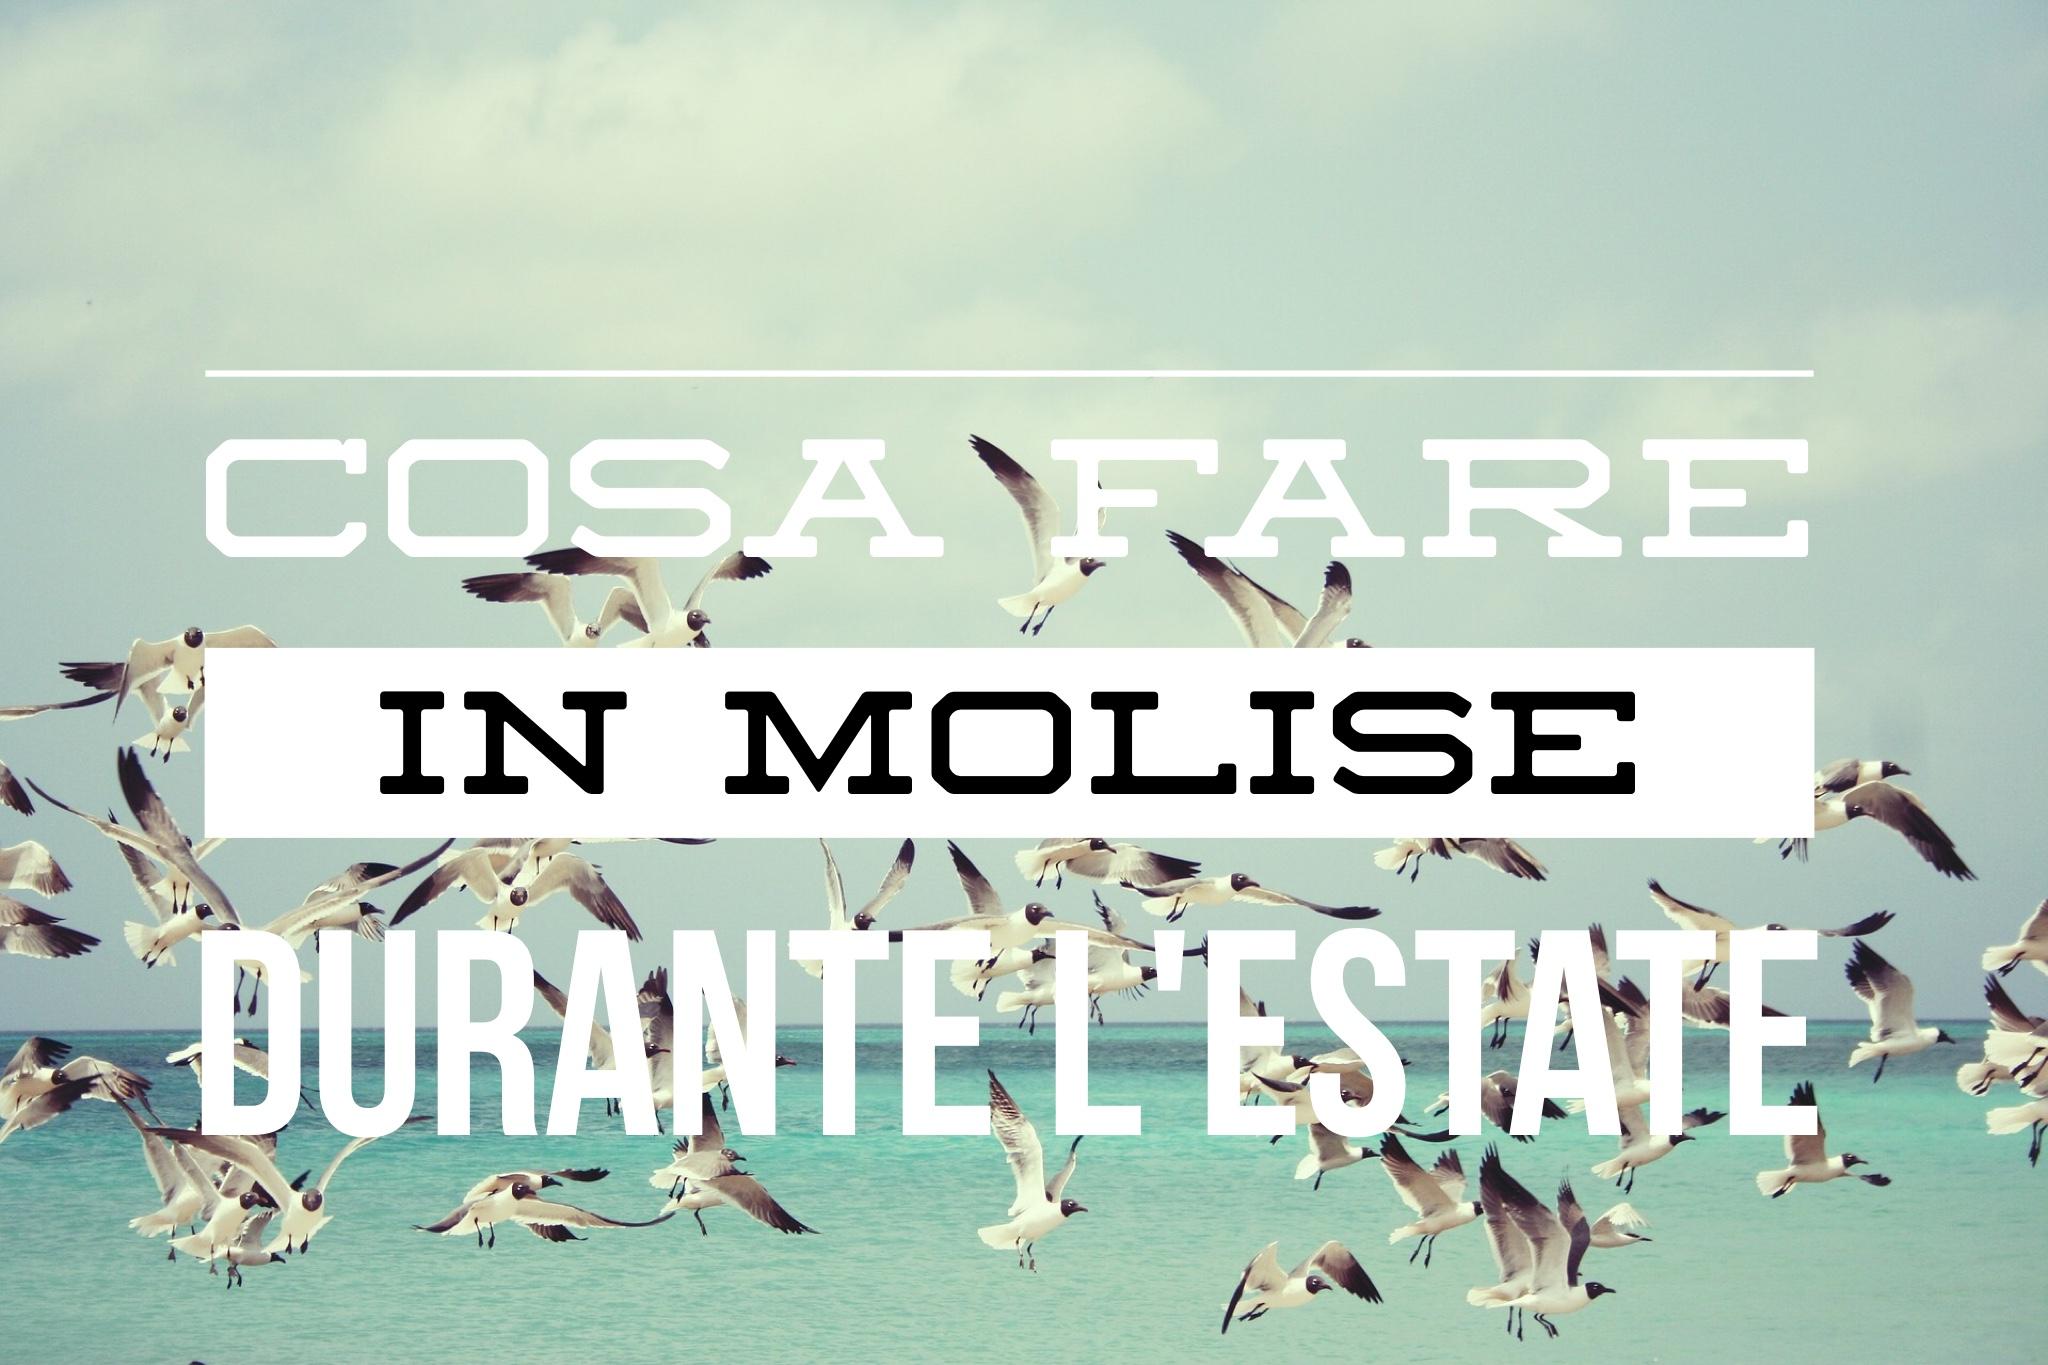 #Restateincittà: cosa fare in Molise durante i mesi estivi? 7